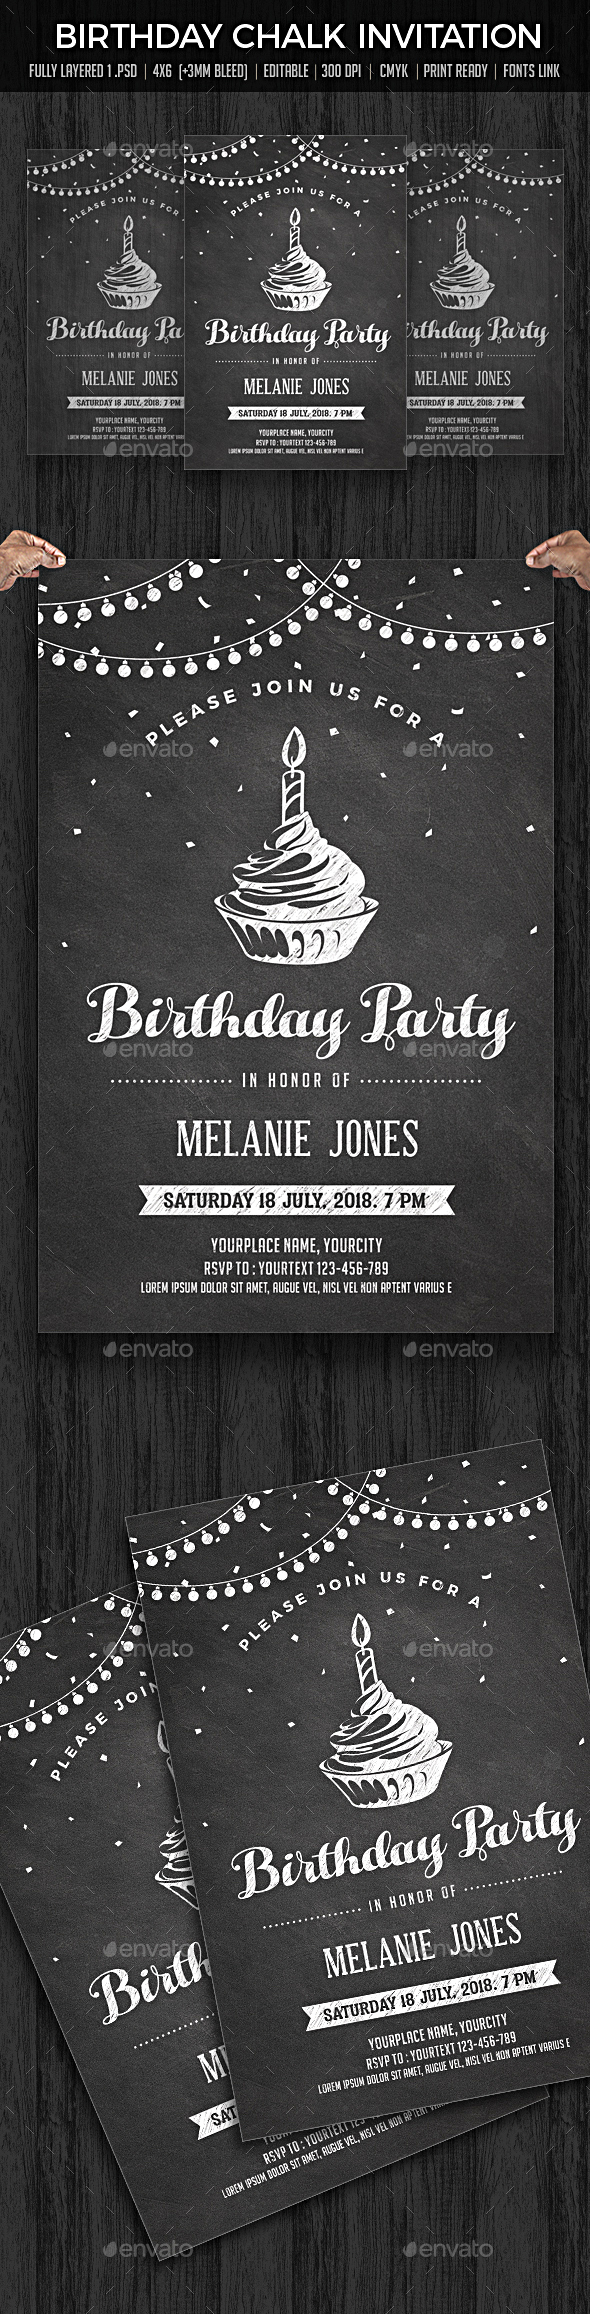 Birthday Invitation Chalk